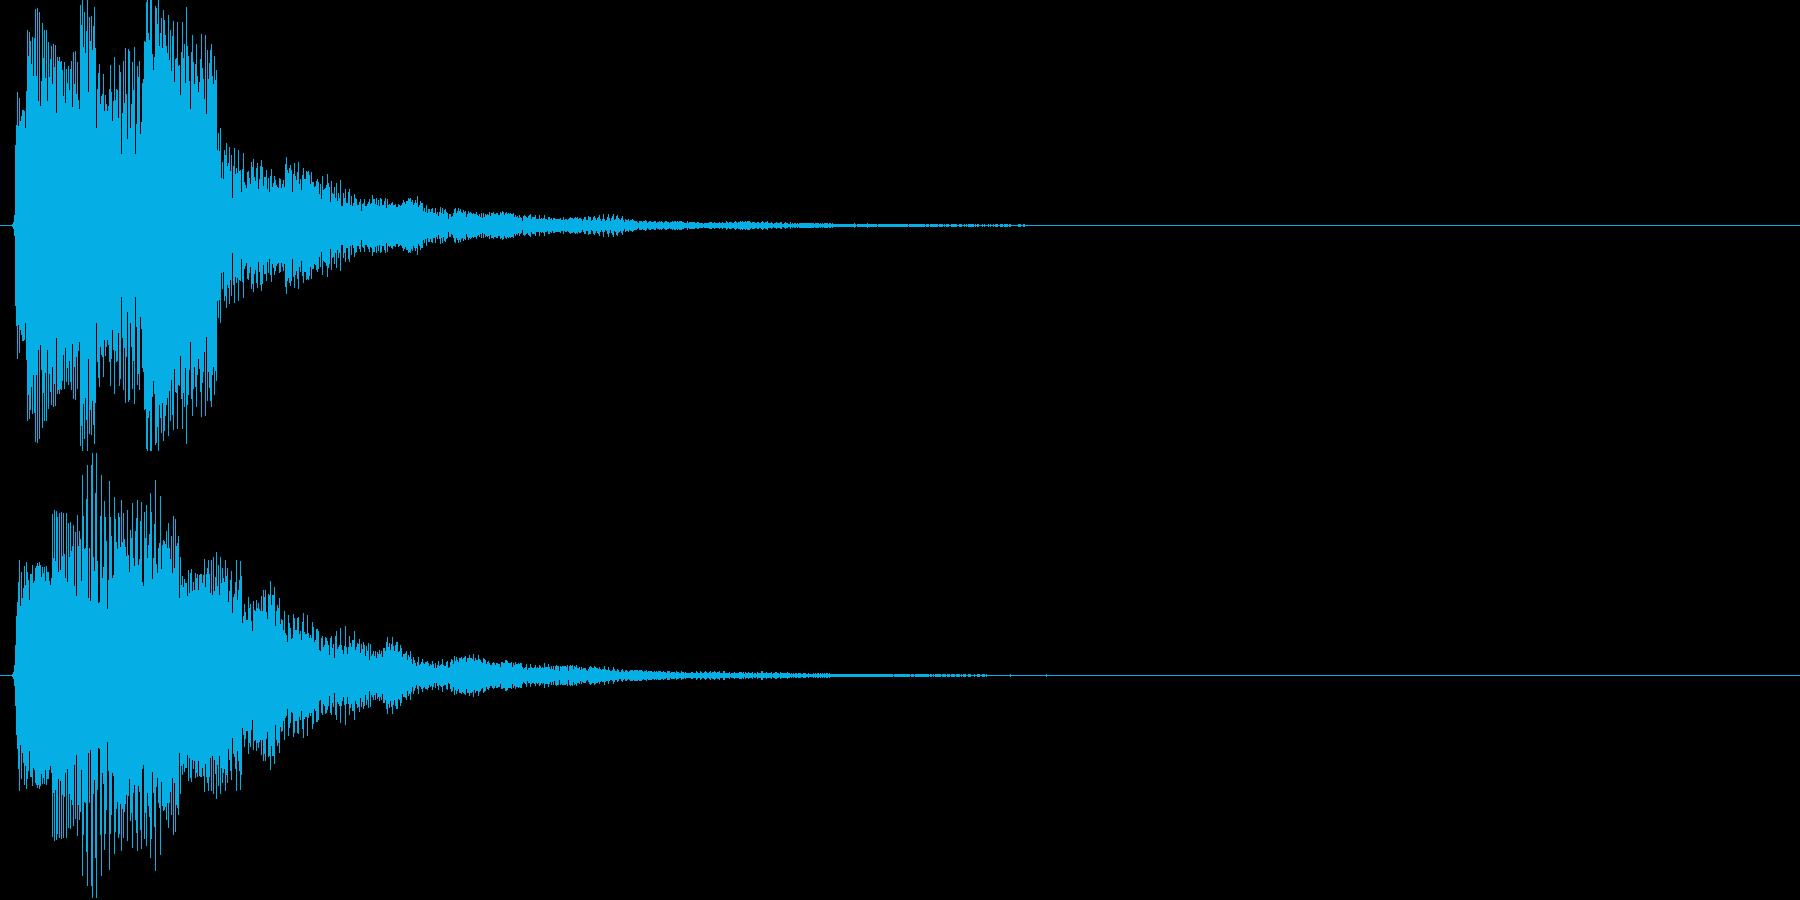 チャリラン(お知らせアラート音シンプル)の再生済みの波形